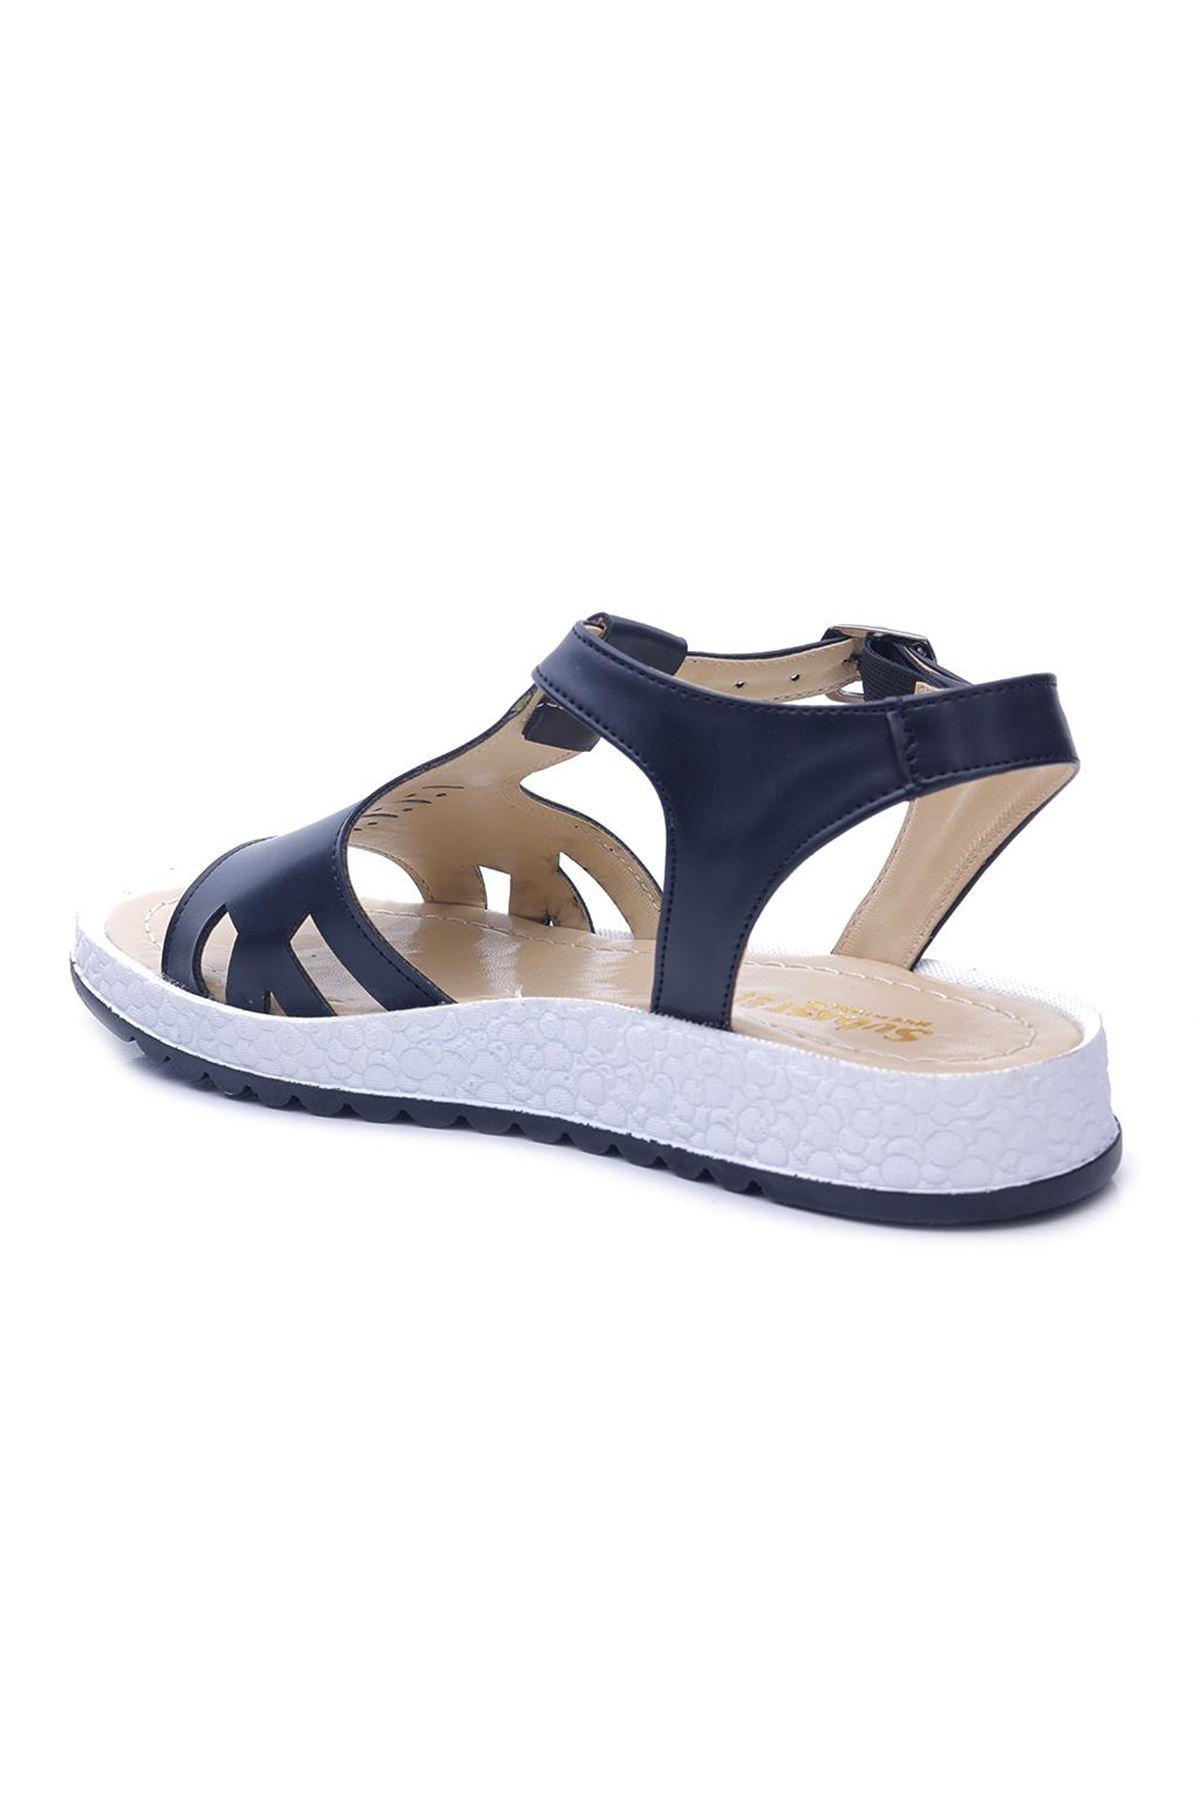 Lady 4420 Düz Taban Günlük Kadın Sandalet